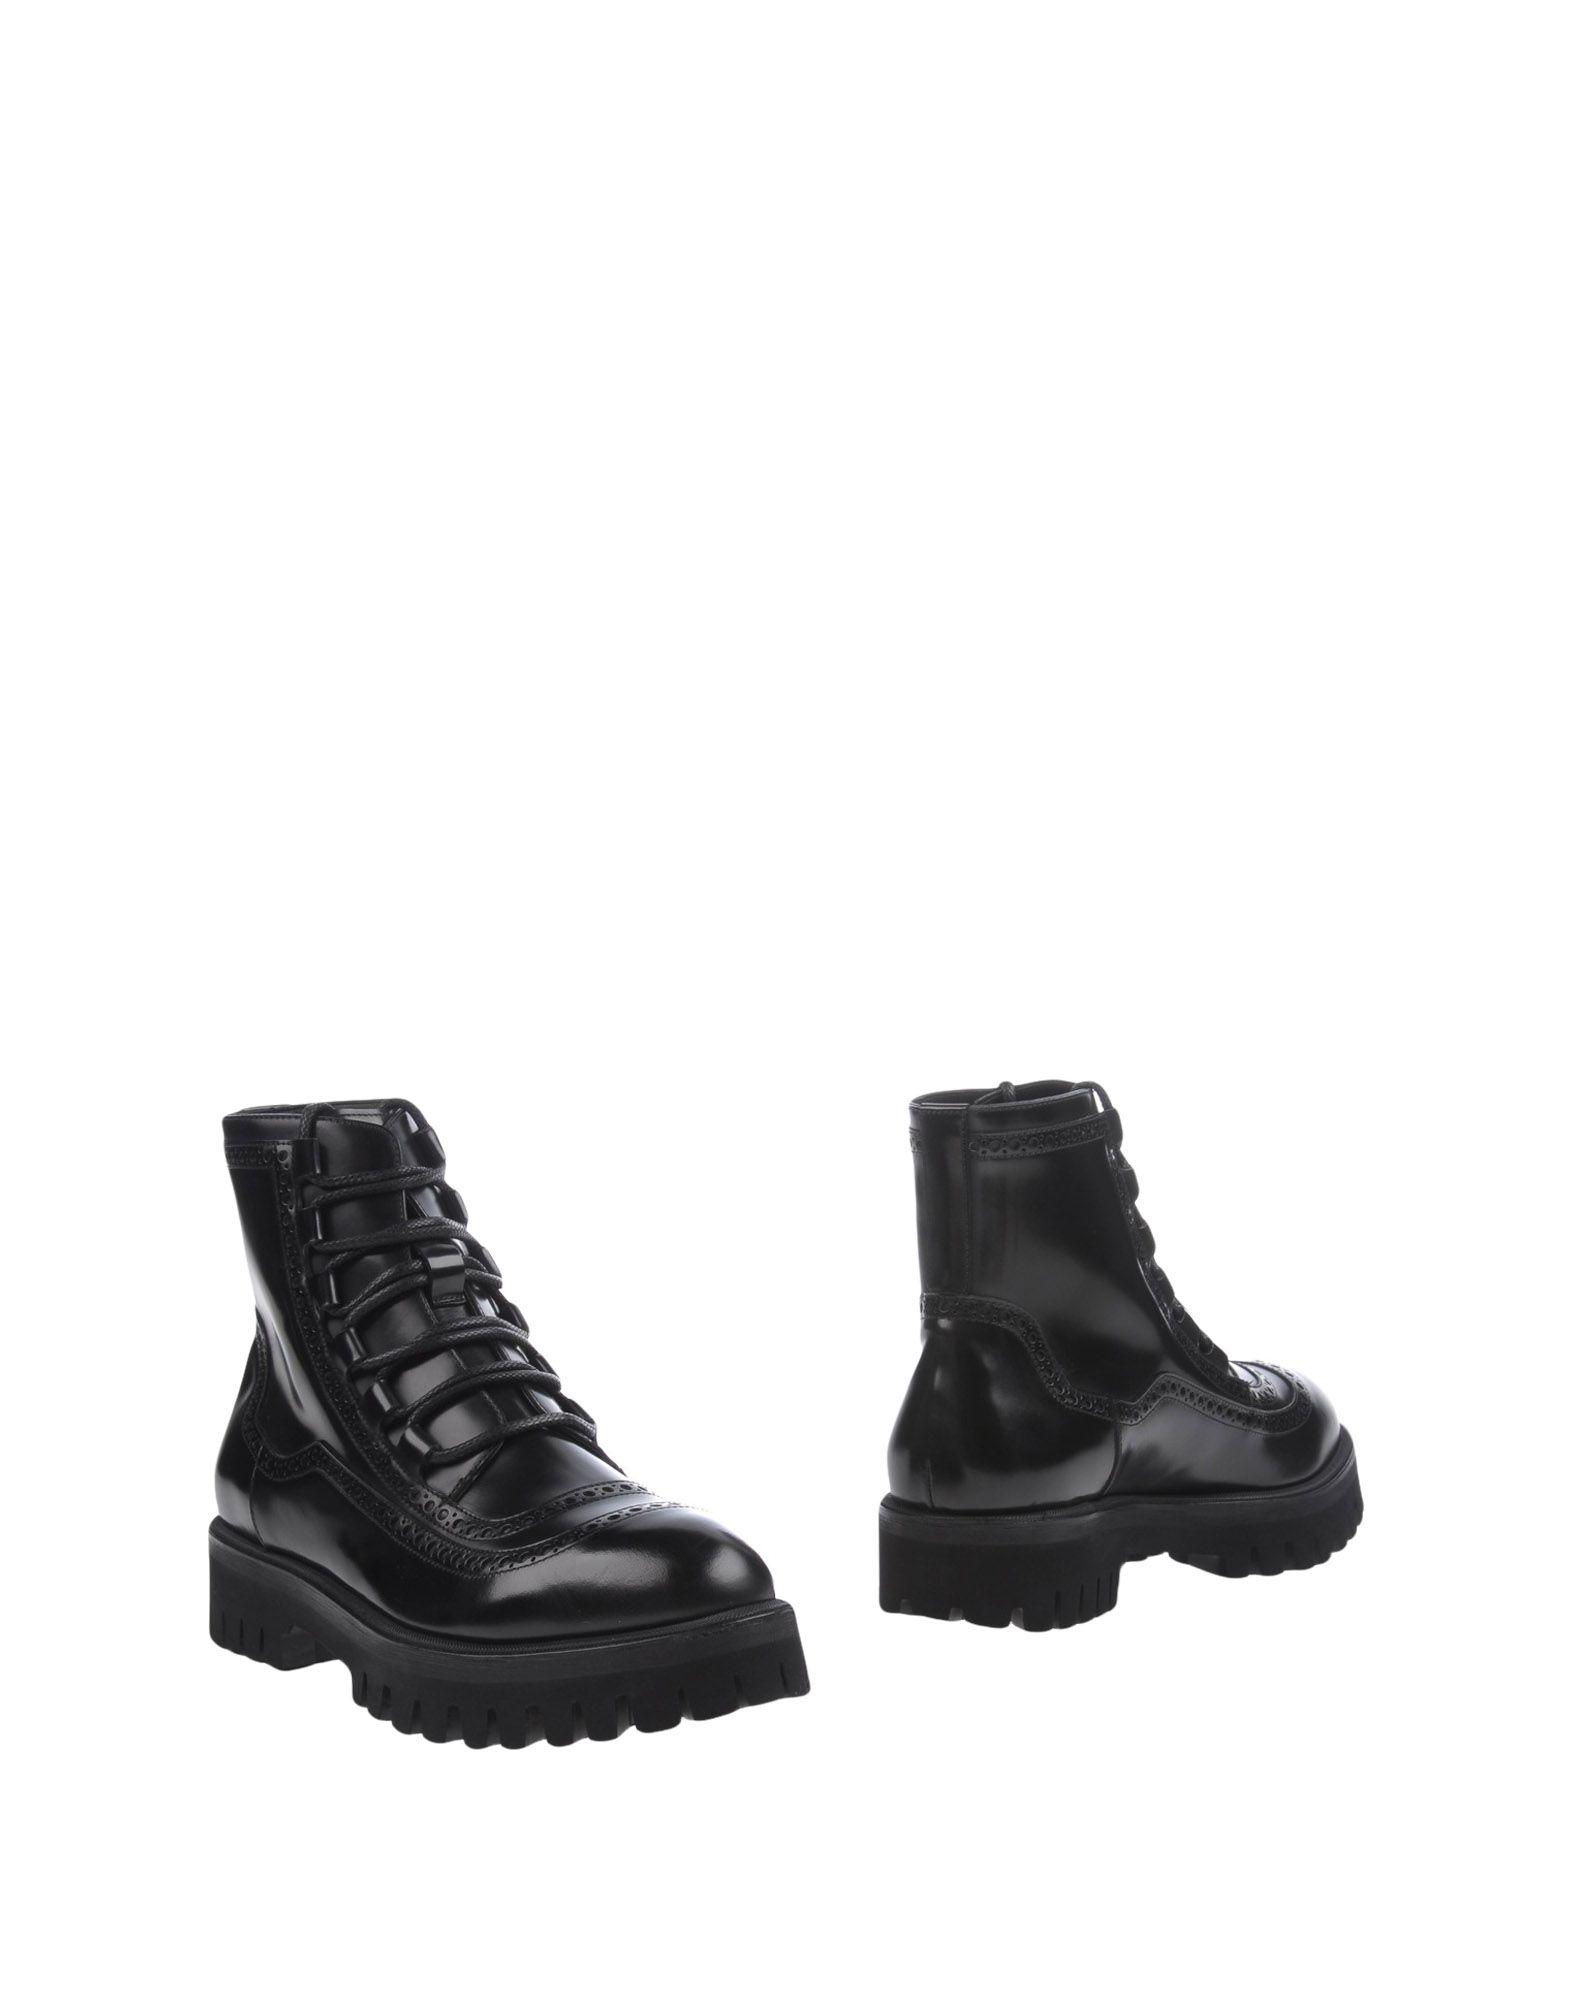 Dolce & Gabbana Stiefelette Herren  11215418QR 11215418QR 11215418QR 384056